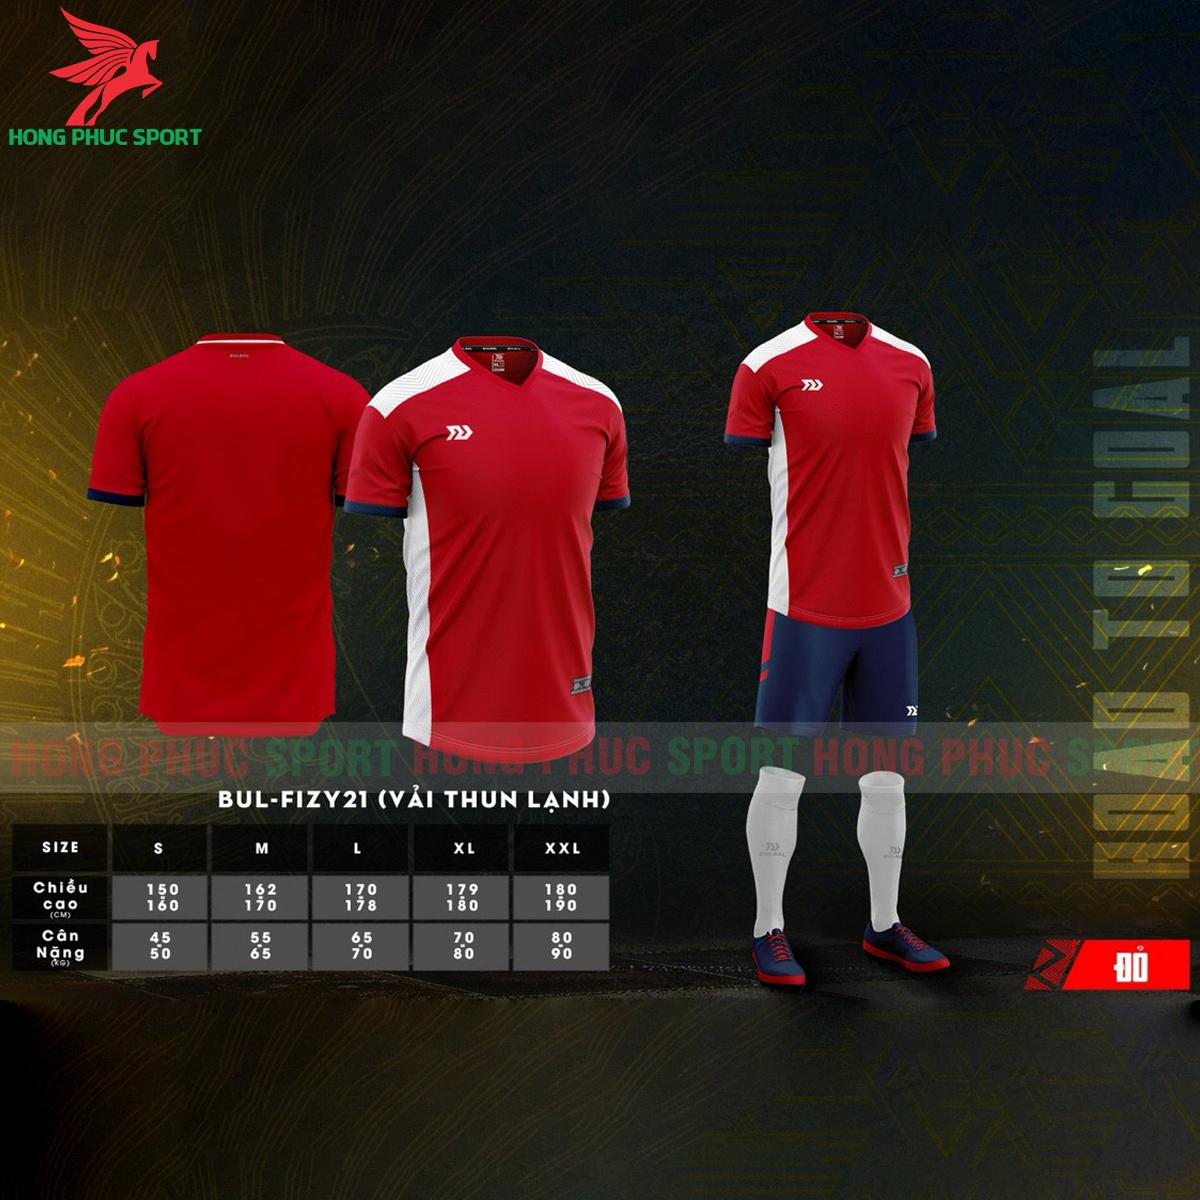 Áo đá banh không logo Bulbal Falcol 2021 màu đỏ (1)